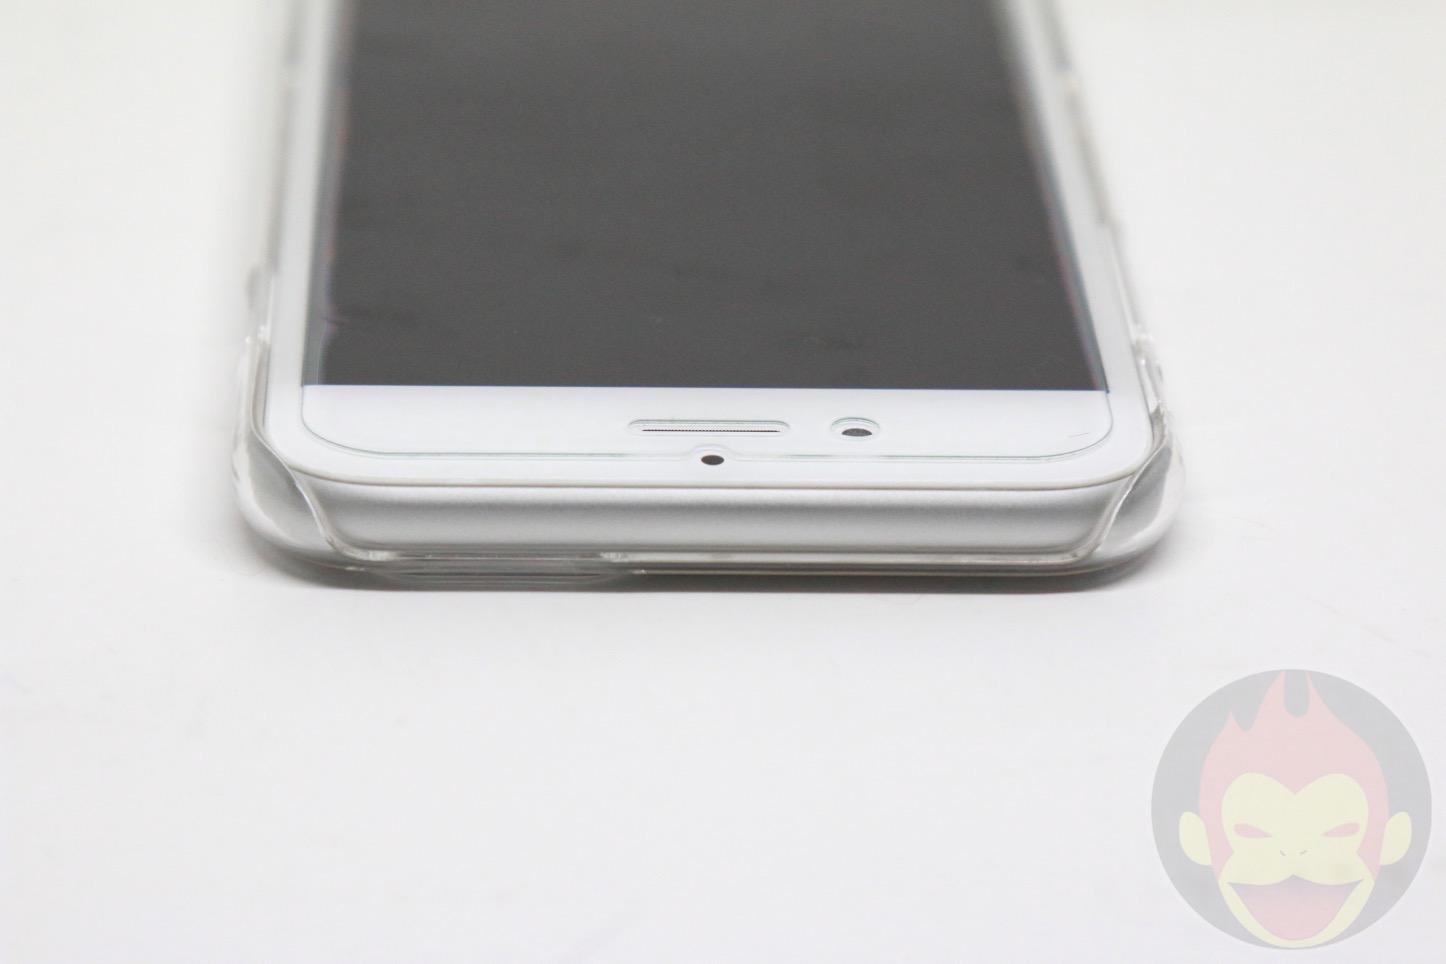 iPhone6s-Spigen-Thin-Fit-Case-05.JPG